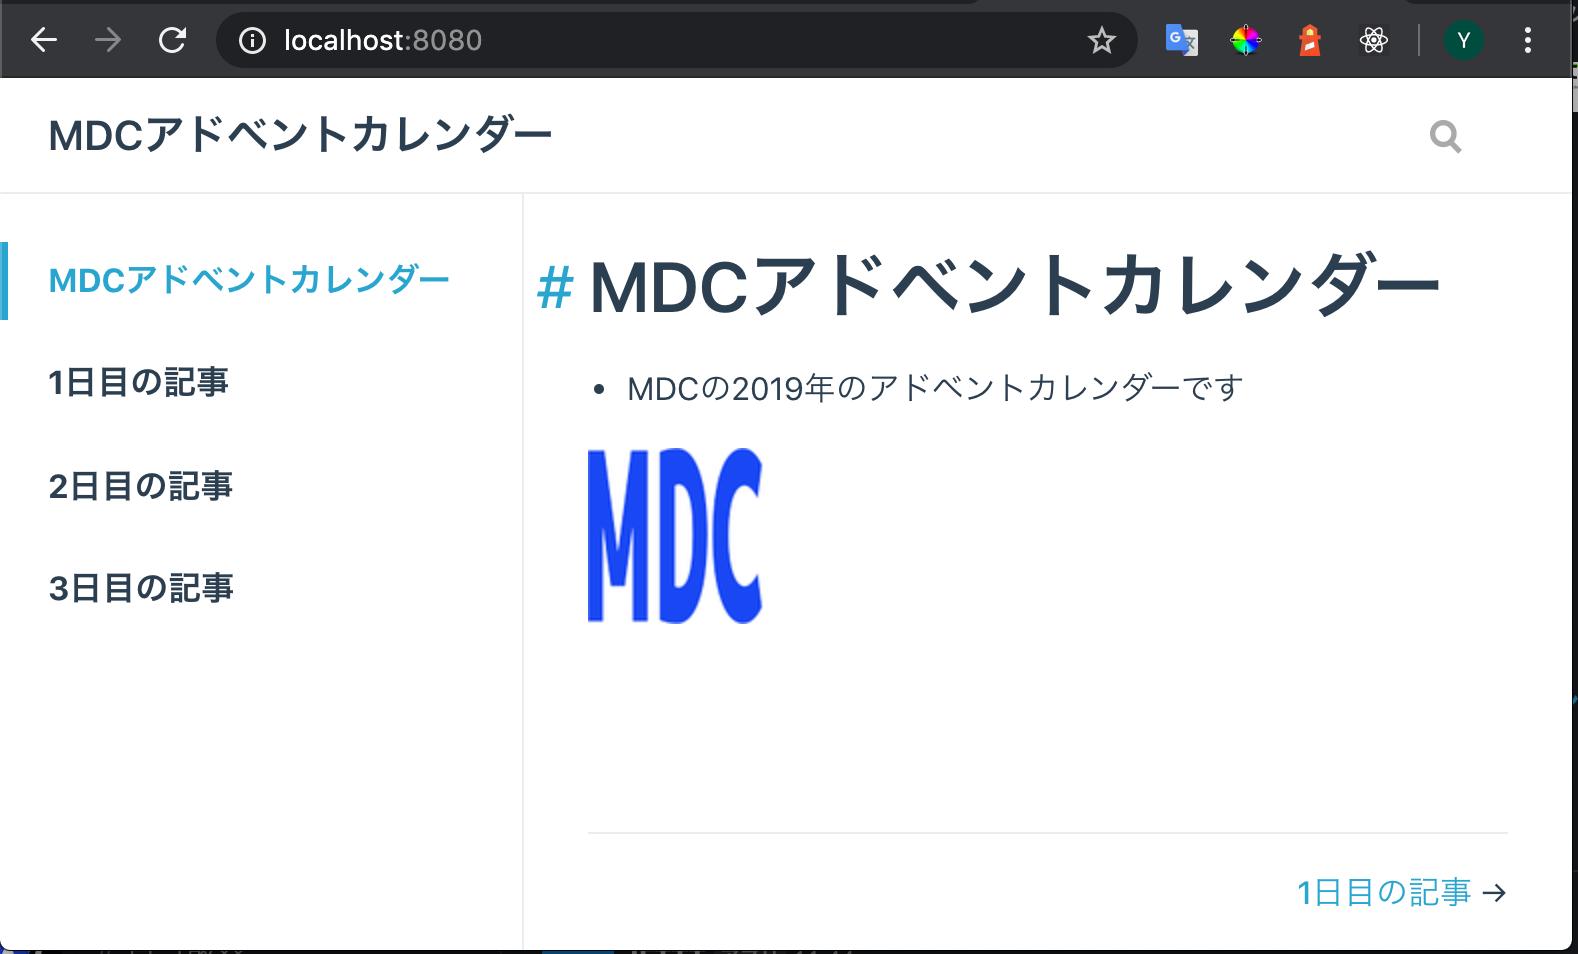 スクリーンショット 2019-12-05 0.25.43.png